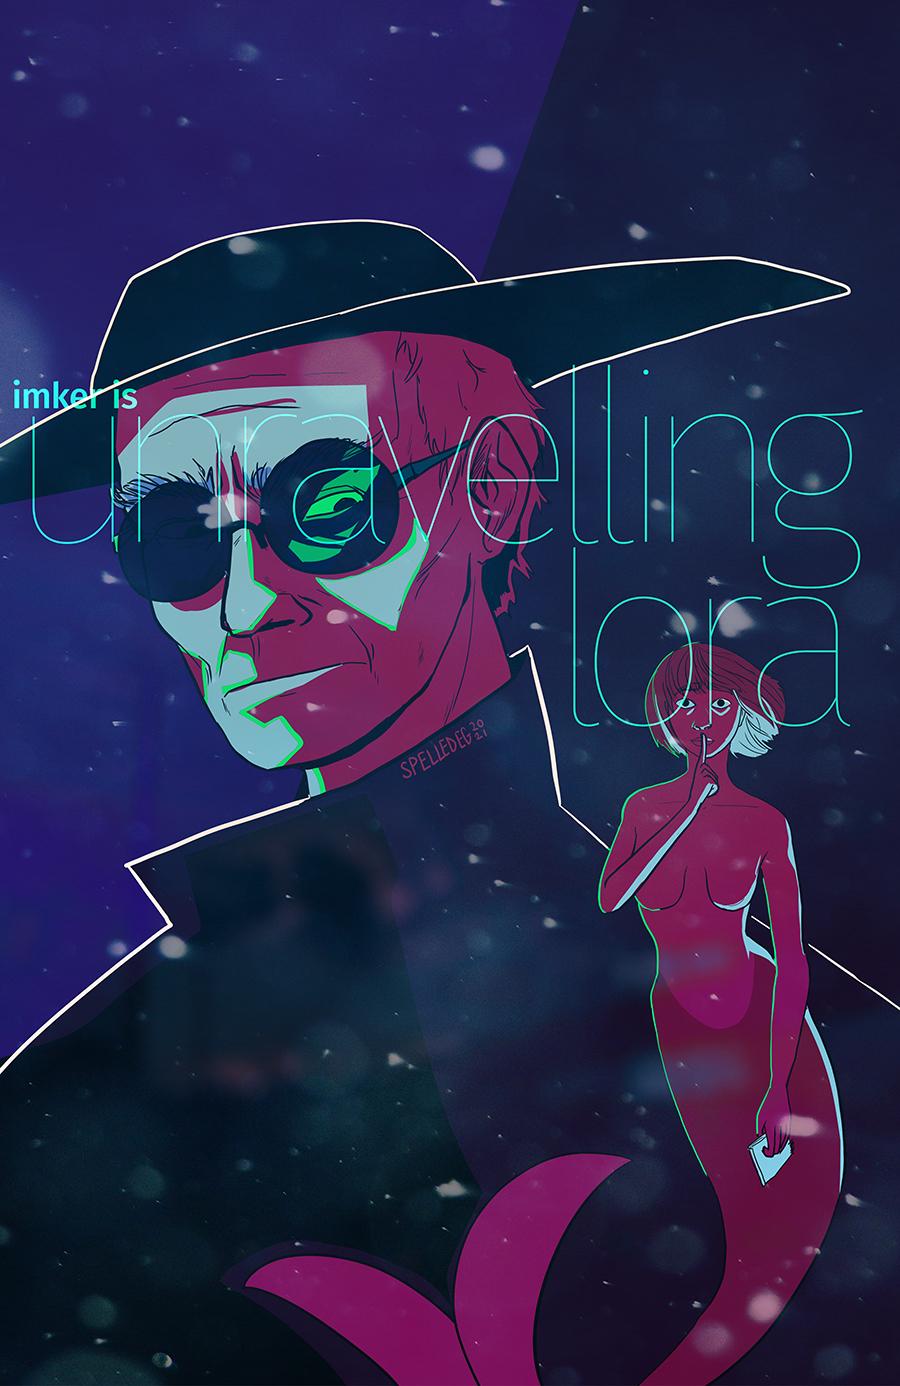 Imker Is Unravelling Lora (by Spelledeg)